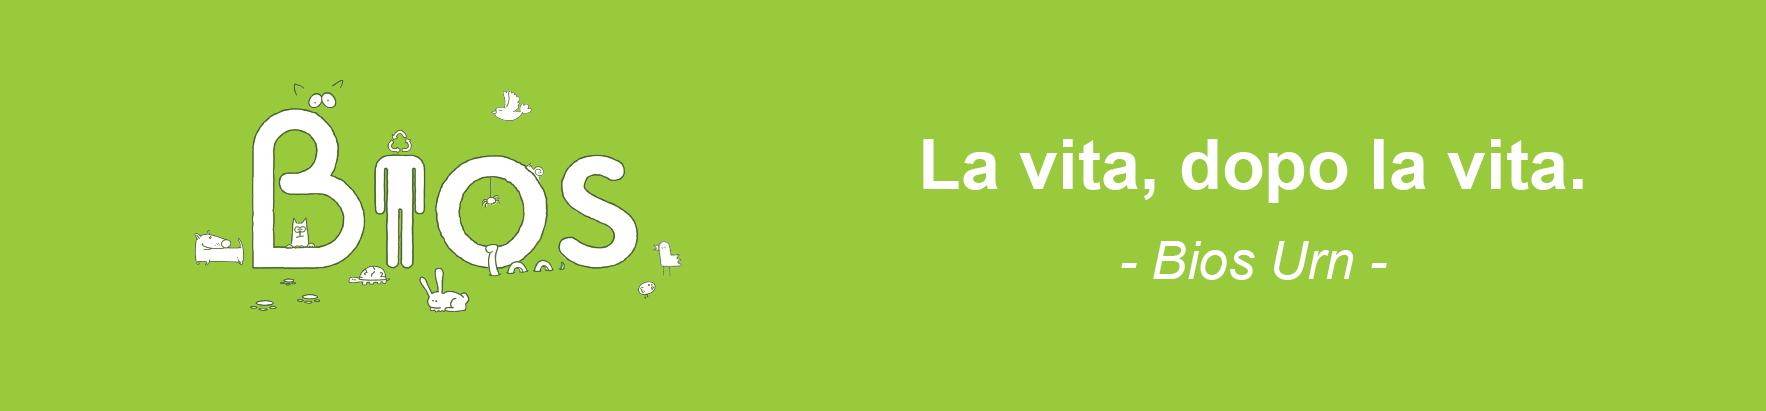 bios_urna_vita